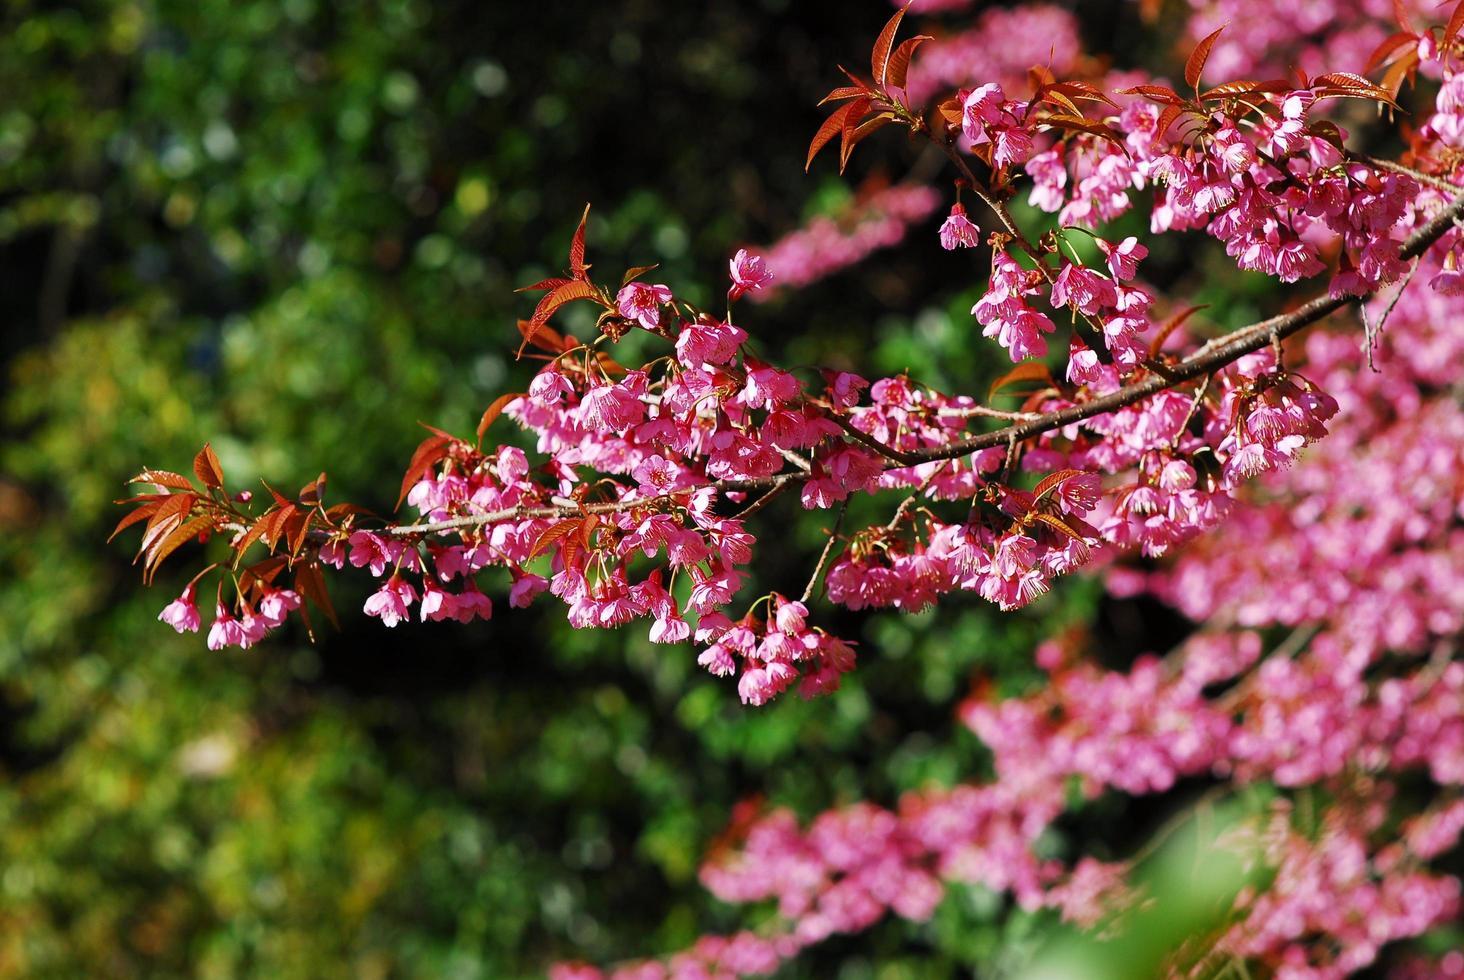 flor de cerezo rosa sakura en chiang mai, tailandia foto